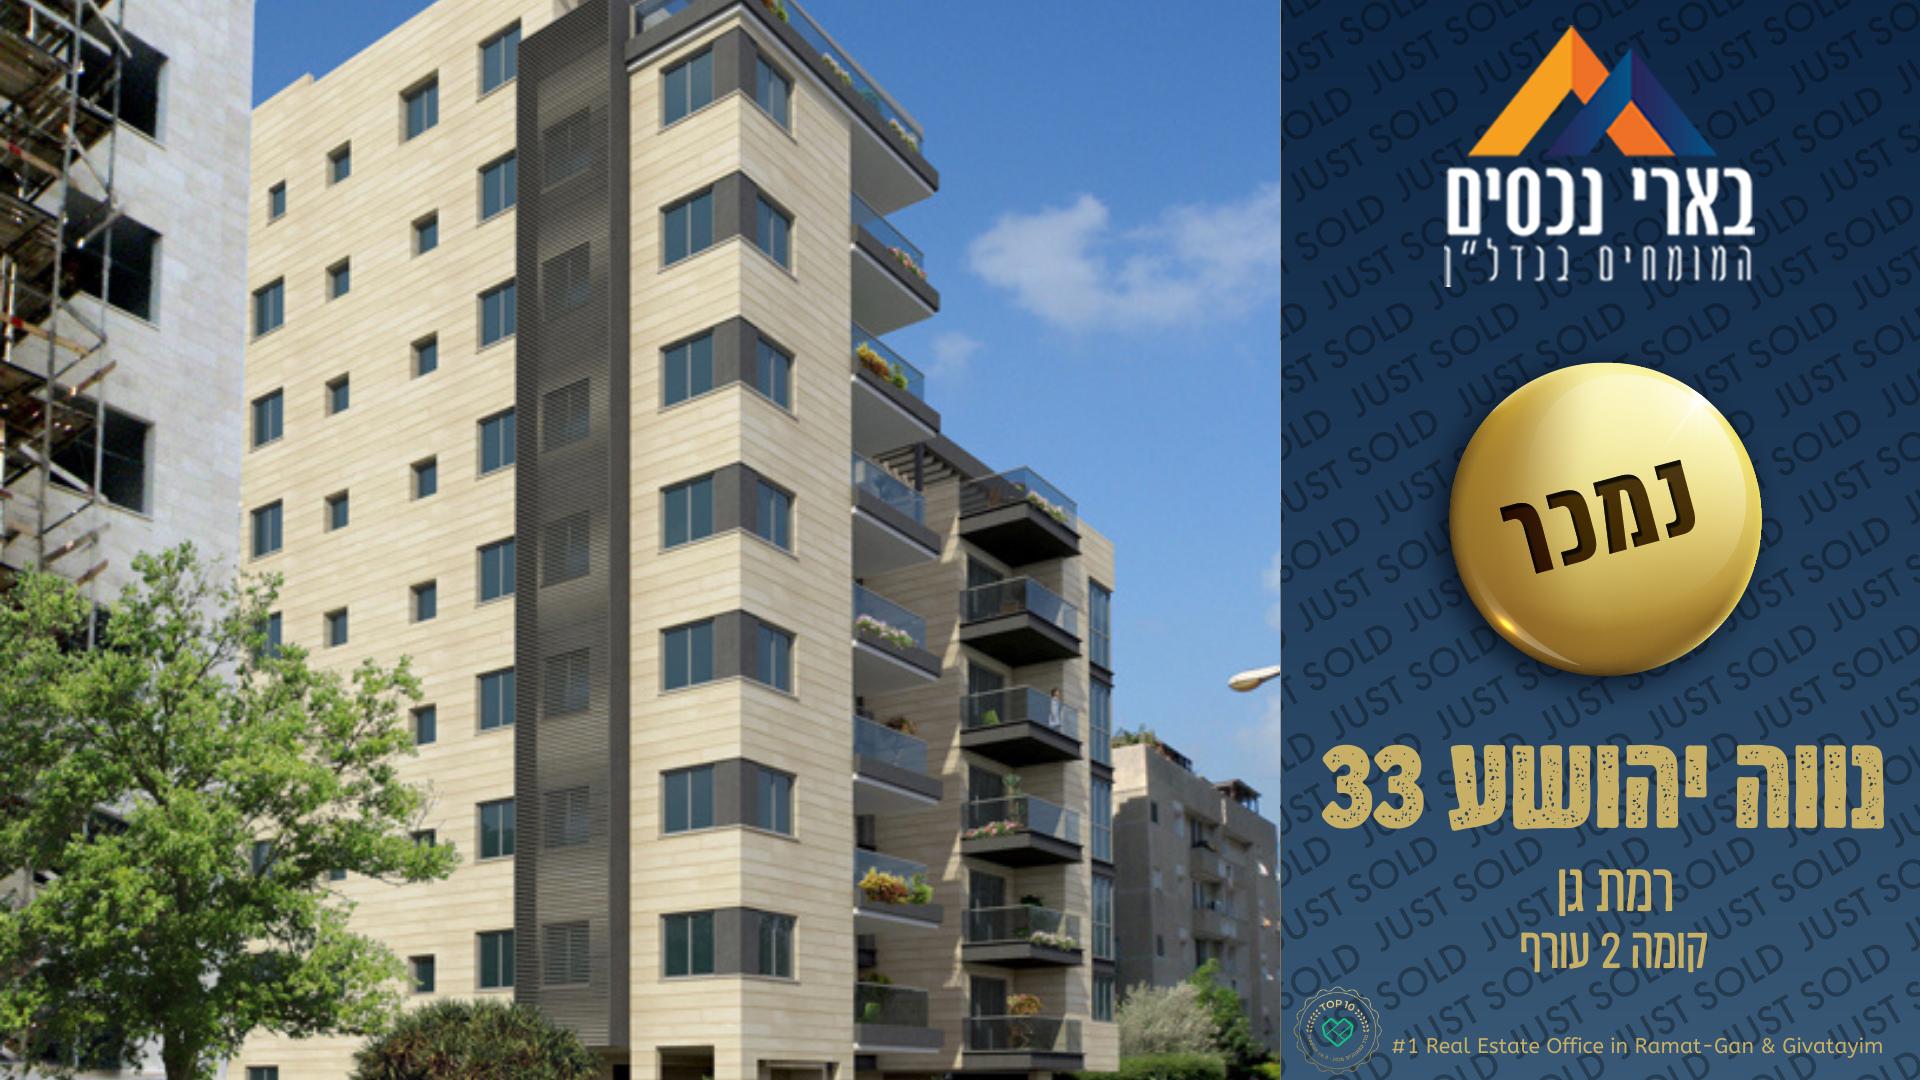 פרויקט ״נווה יהושע 33״ – קומה 2 עורפית